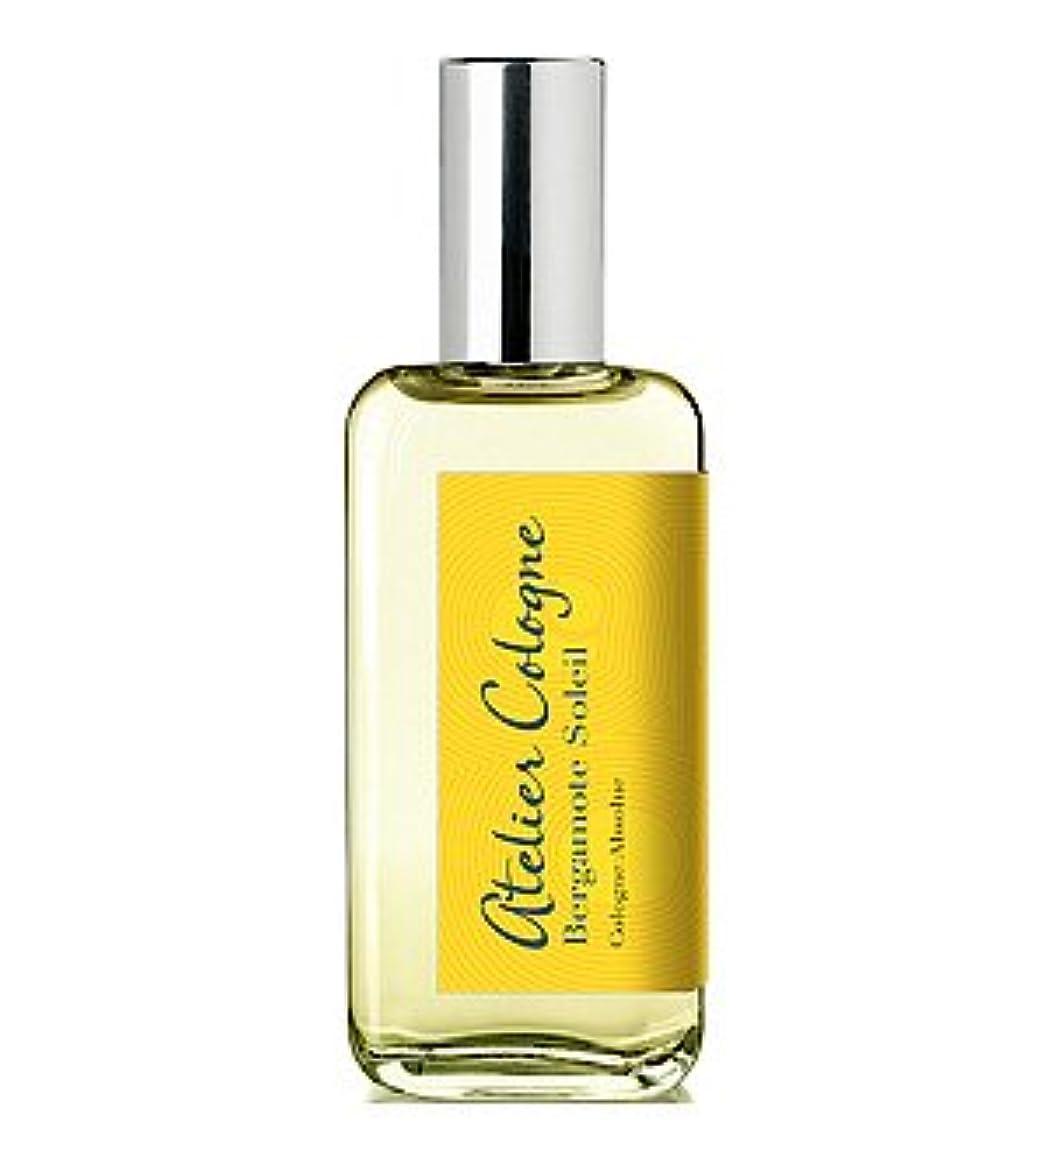 医学続編貴重なAtelier Cologne Bergamote Soleil (アトリエ コロン ベルガモット ソレイユ) 1.0 oz (30ml) Cologne Absolue